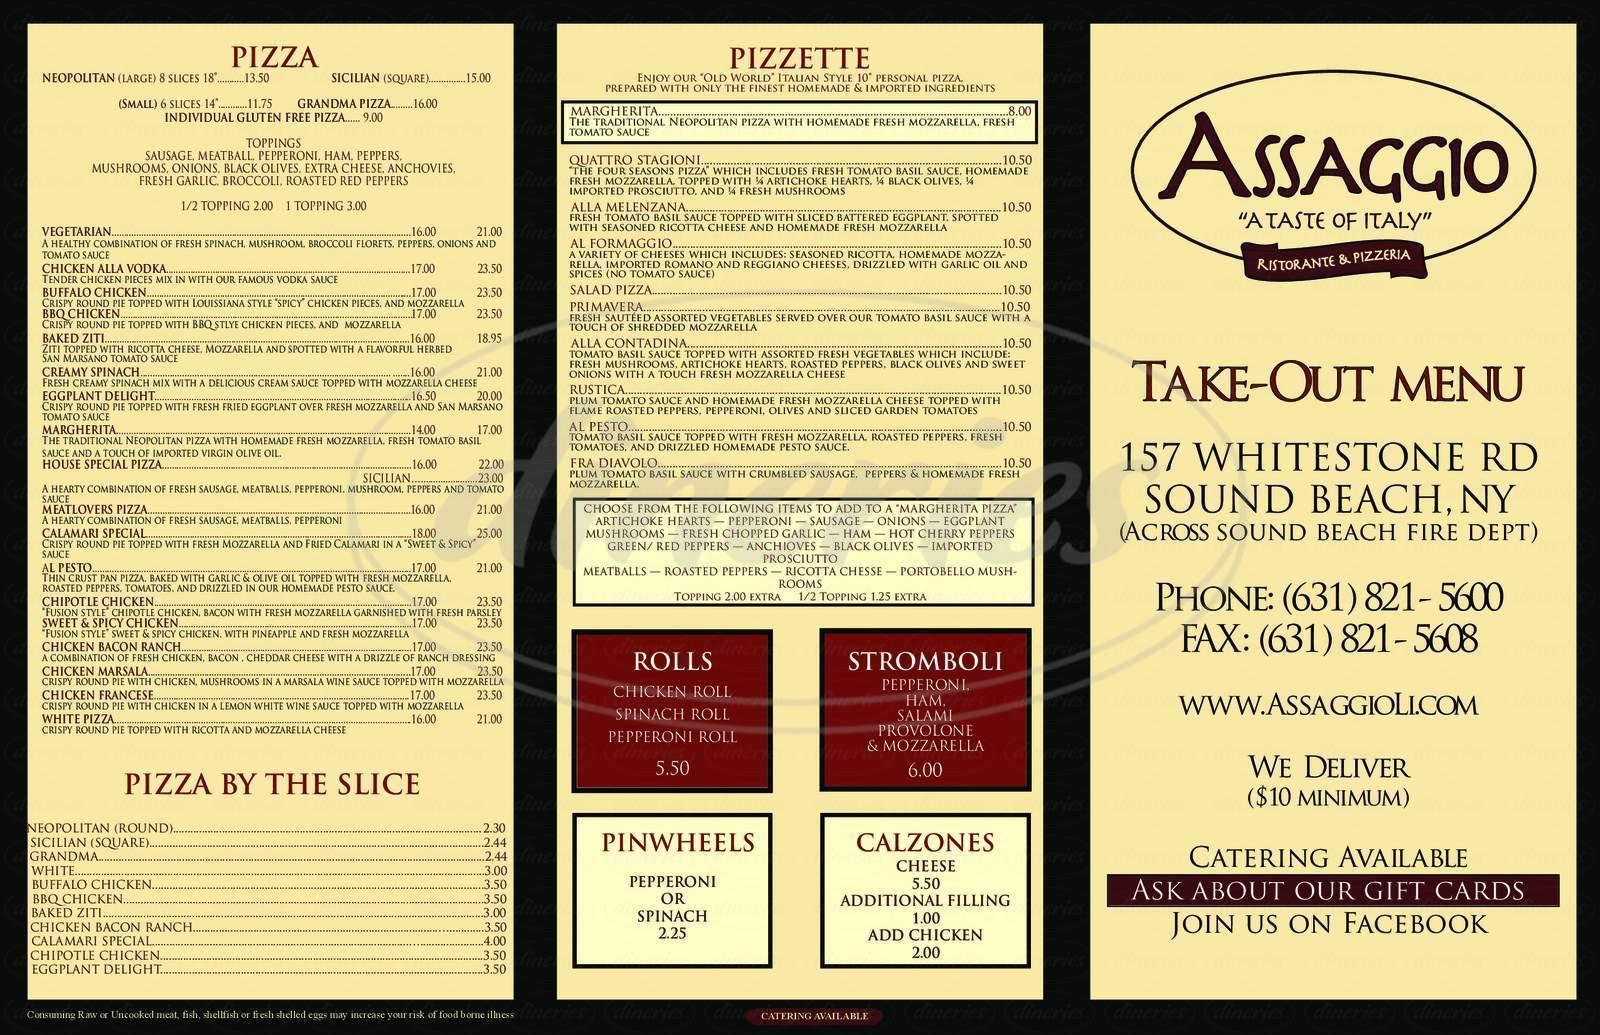 menu for Assaggio Ristorante & Pizzeria